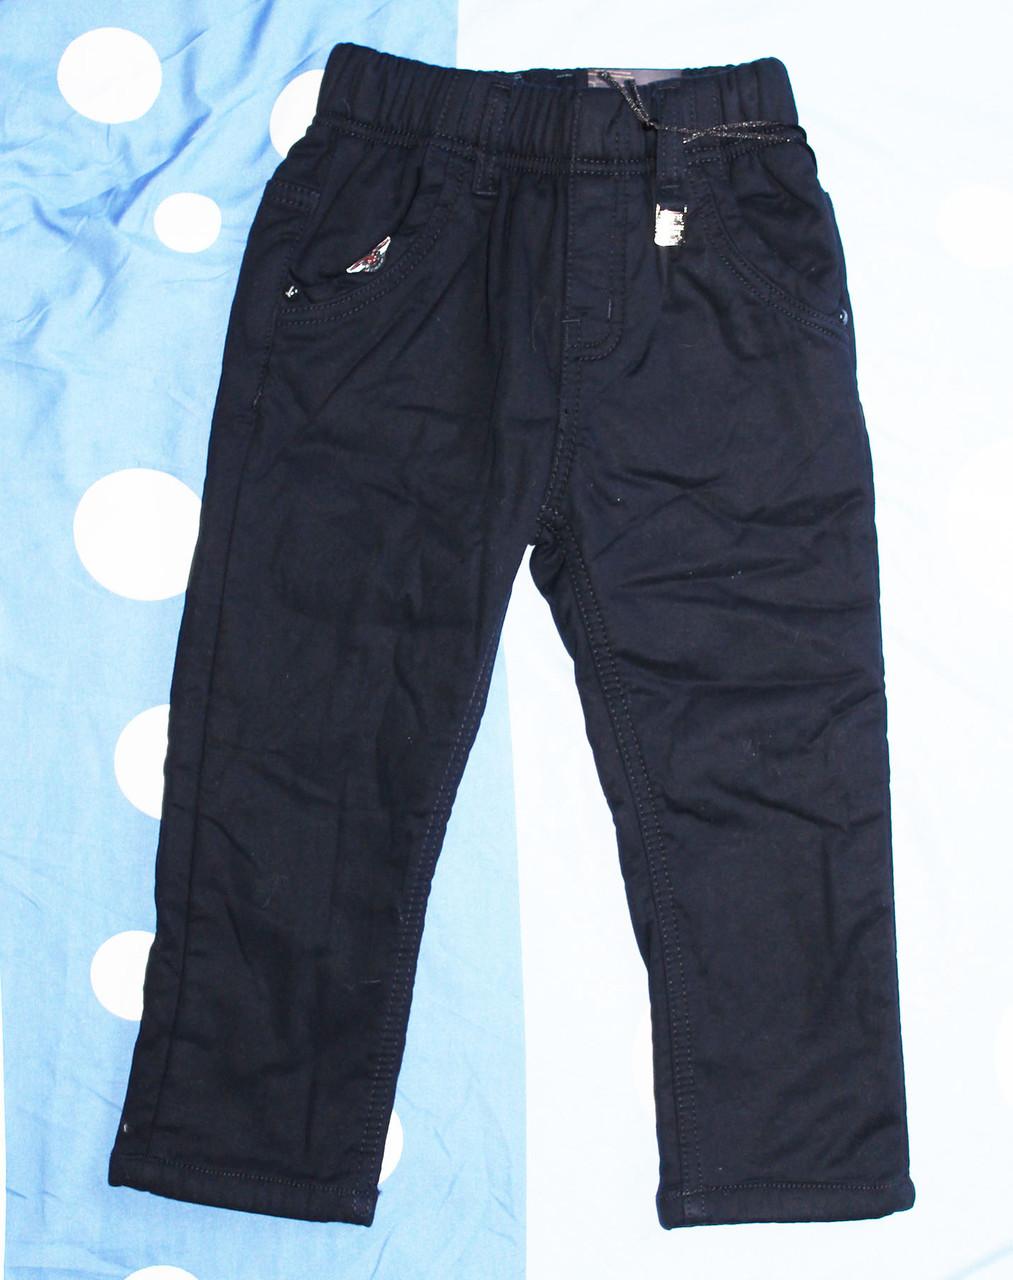 Теплые брюки для маленького мальчика на флисовой подкладке